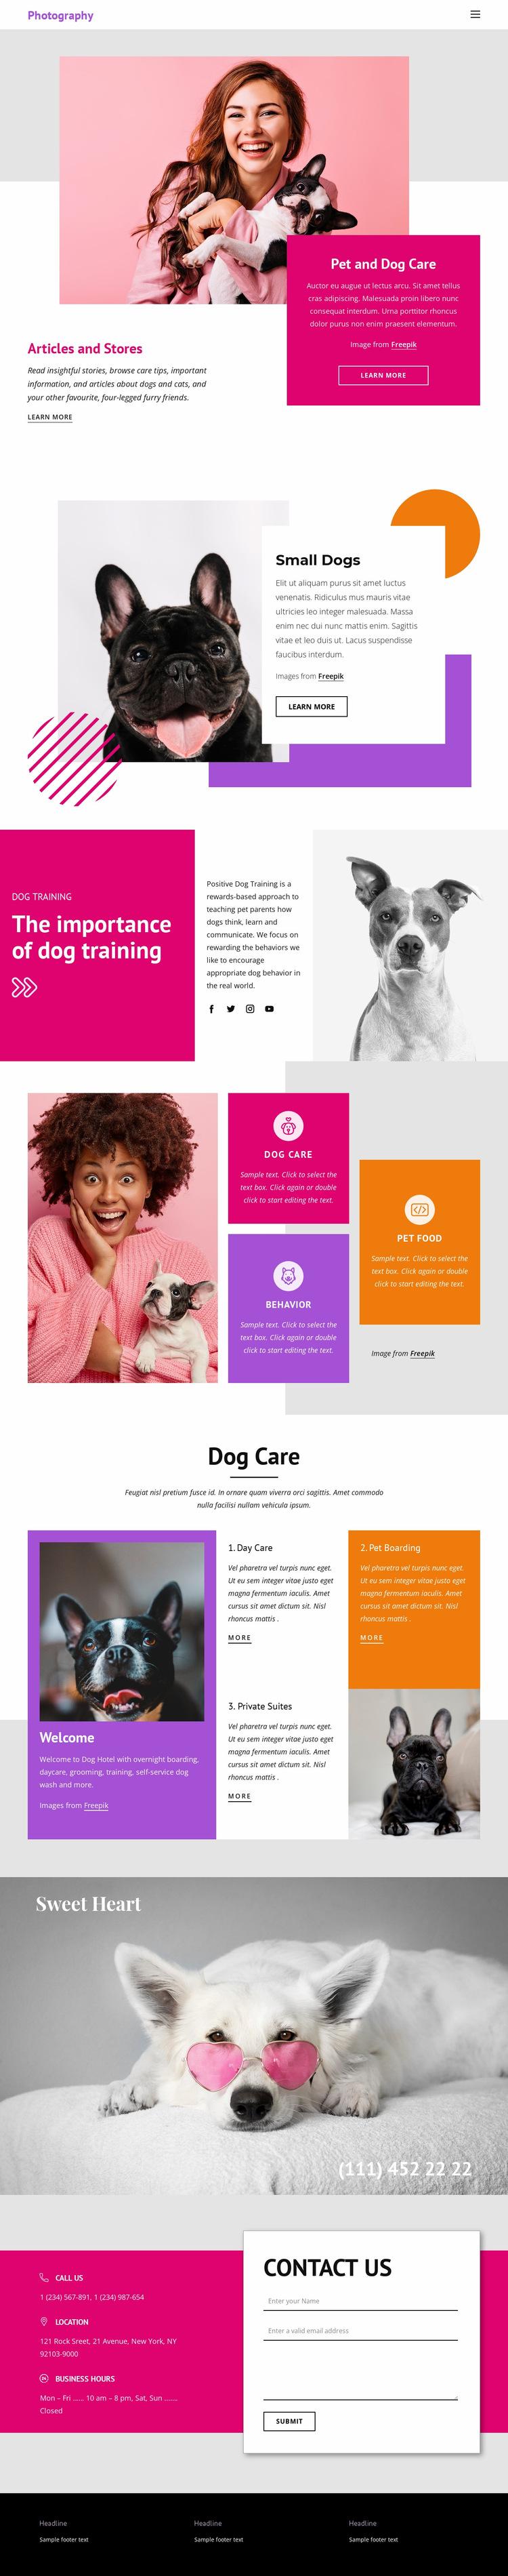 Pets Stories Website Builder